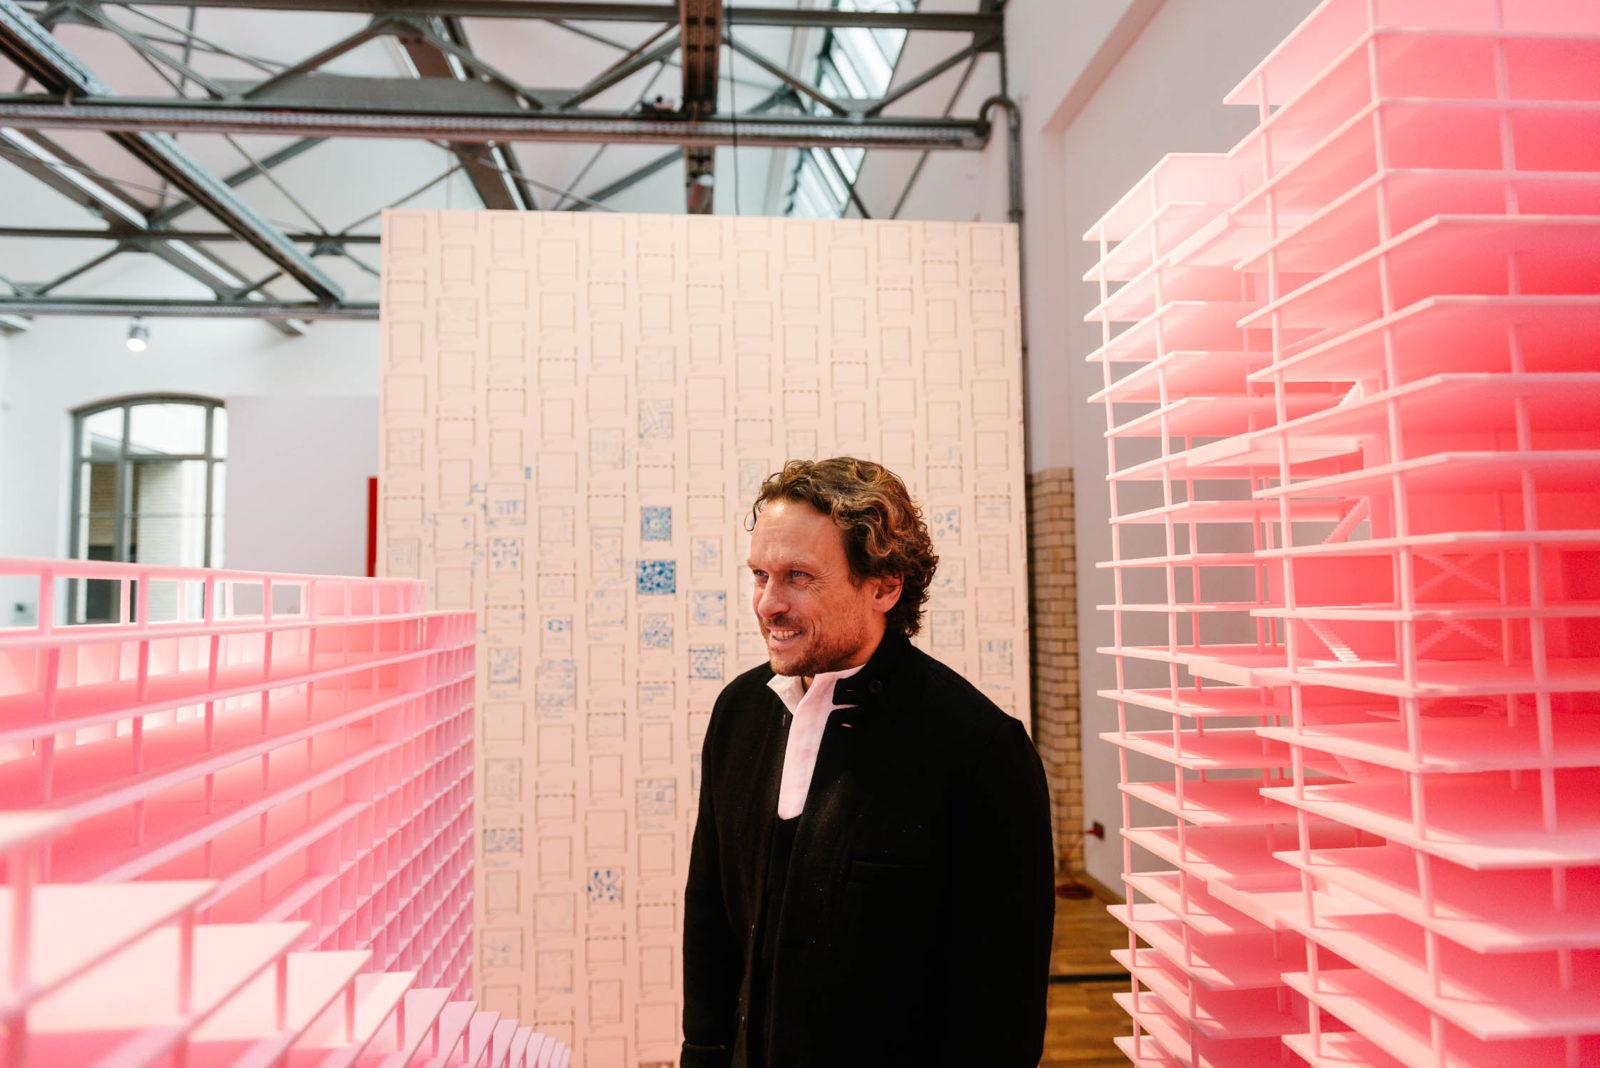 Weniger ist mehr: rchitekt Oke Hauser über die Zukunft urbanen ... size: 1600 x 1068 post ID: 4 File size: 0 B